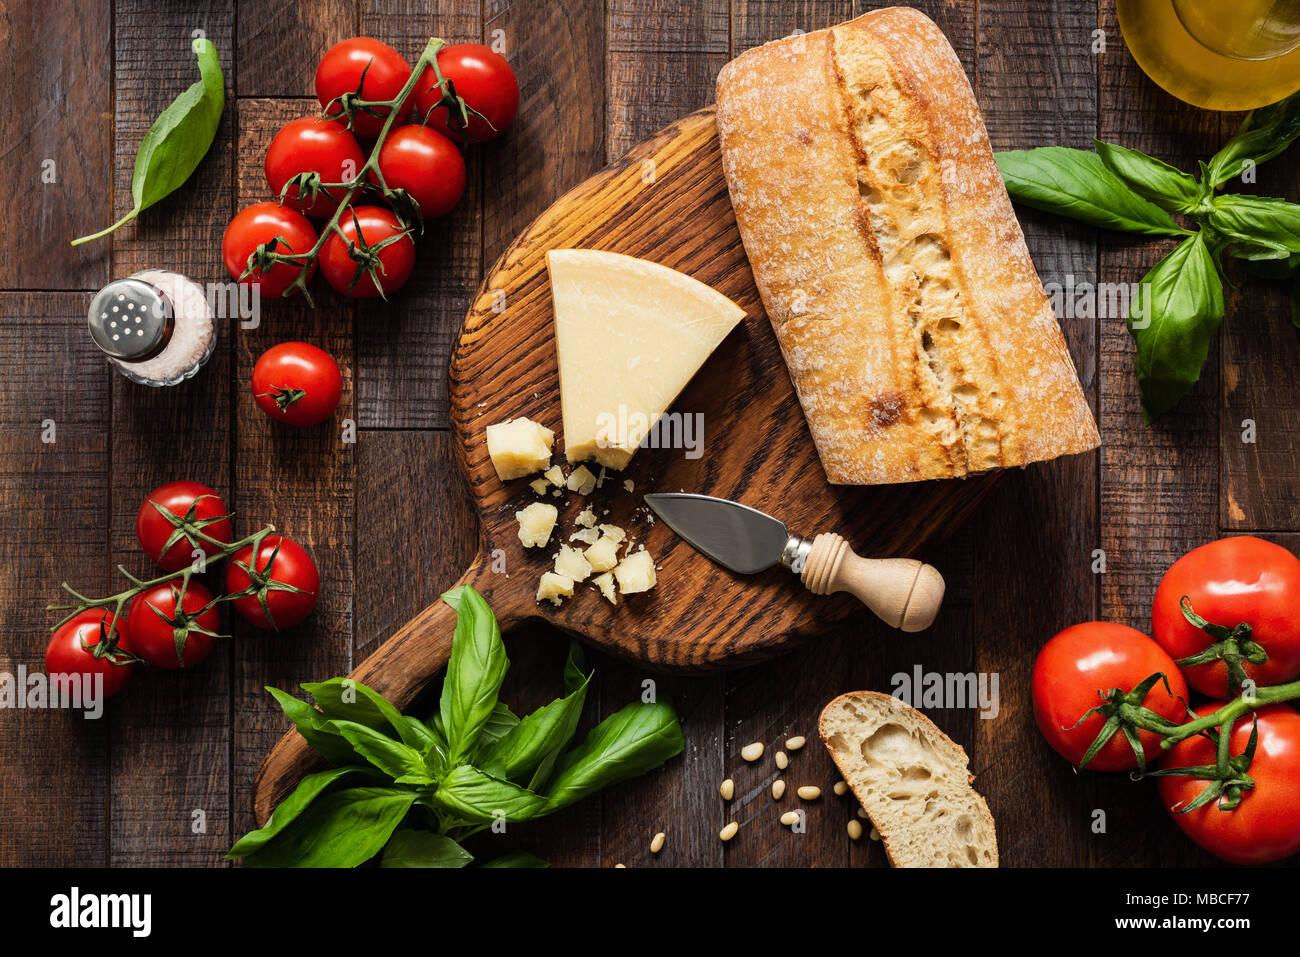 Il cibo italiano il formaggio Parmigiano Reggiano, Ciabatta pane bruschetta, pomodori e basilico sul legno rustico sfondo. Vista superiore Immagini Stock